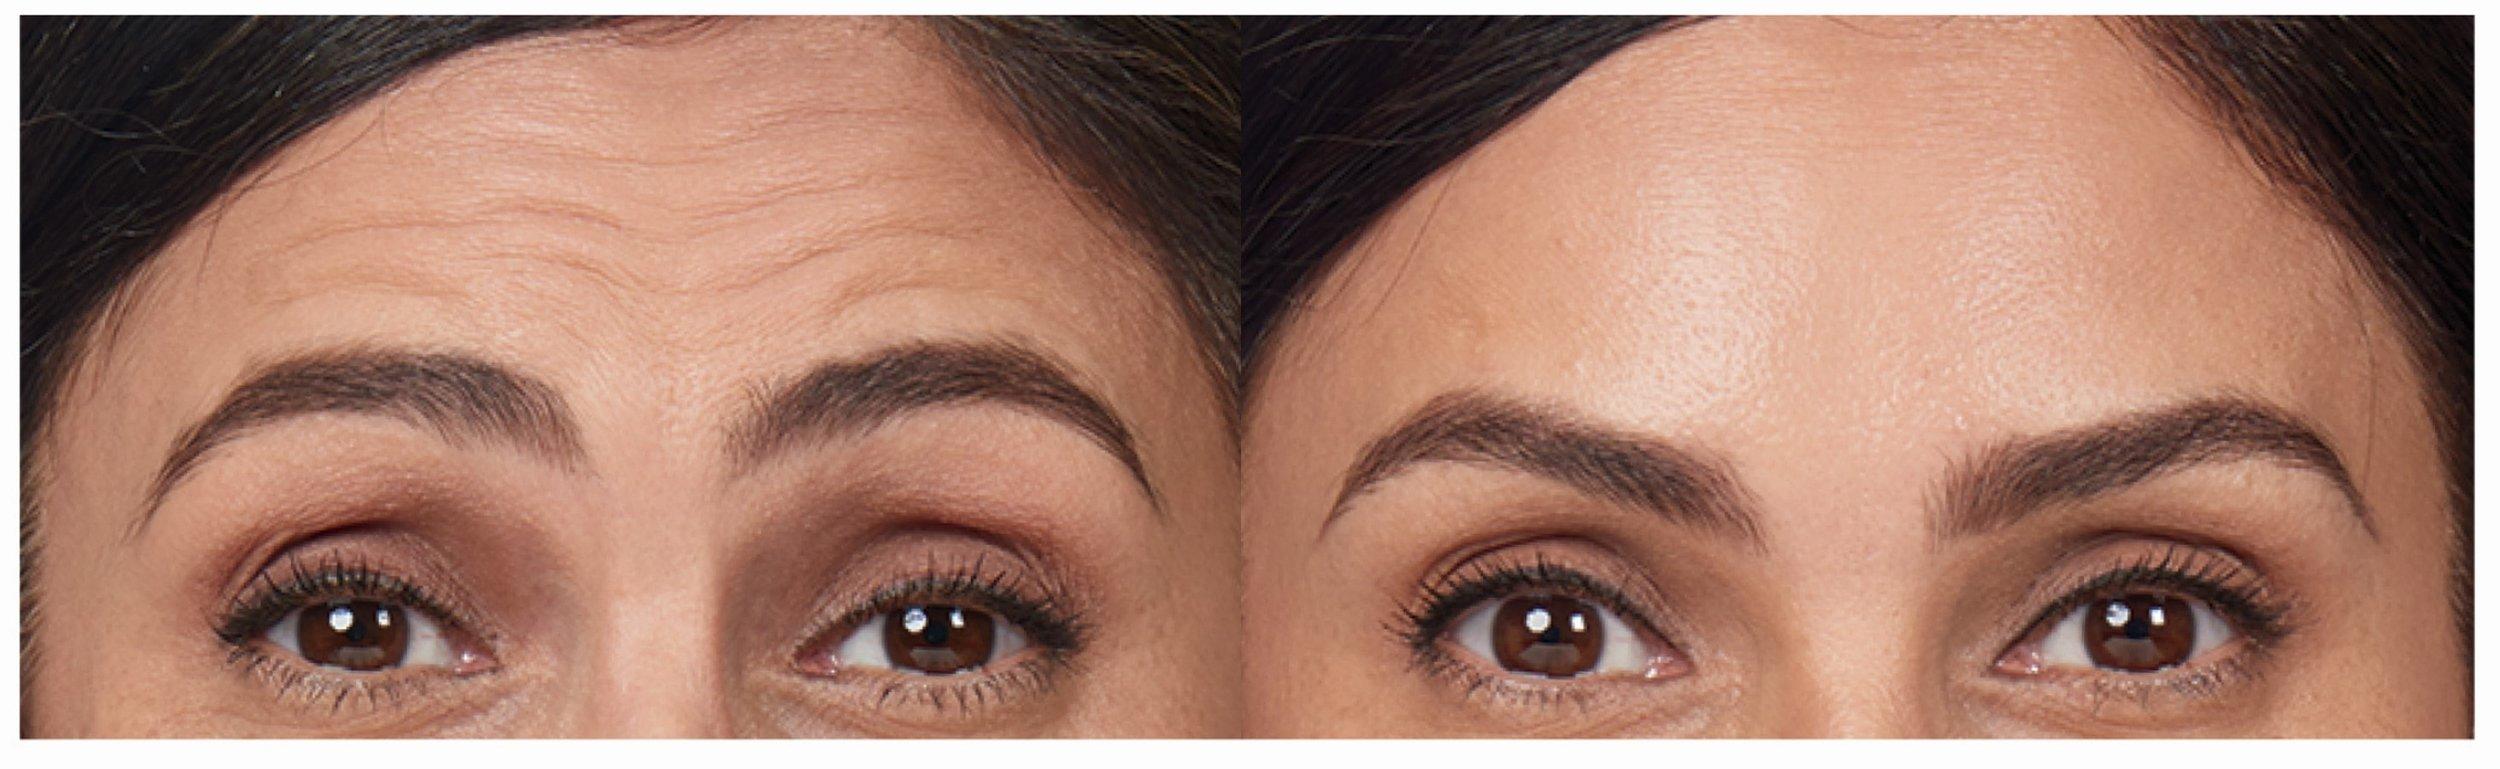 botox-forehead-lines.jpg